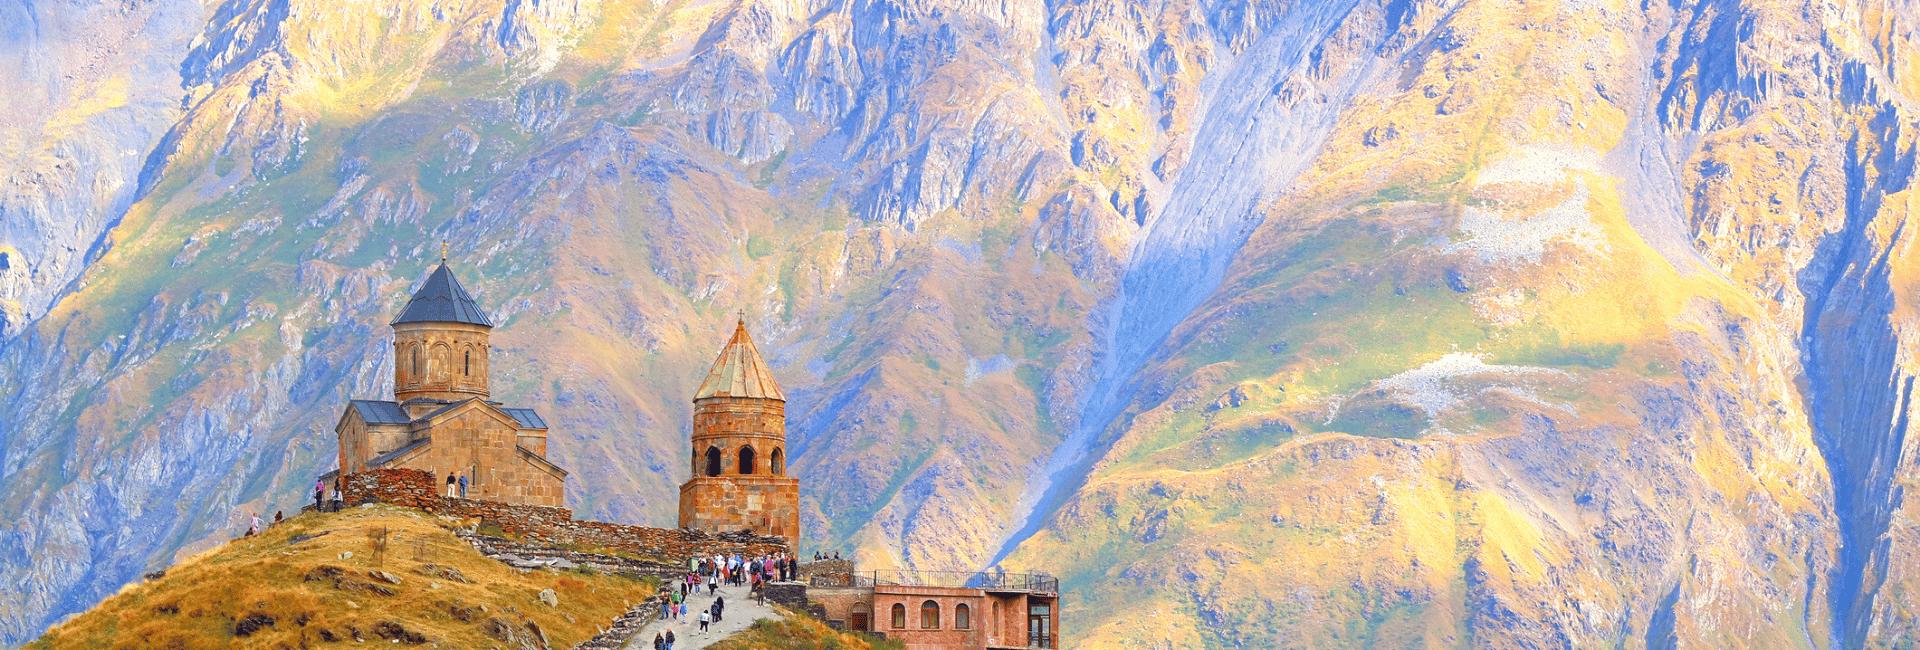 Oplev den fantastiske Gergeti-kirke i Georgien med Risskov Rejser